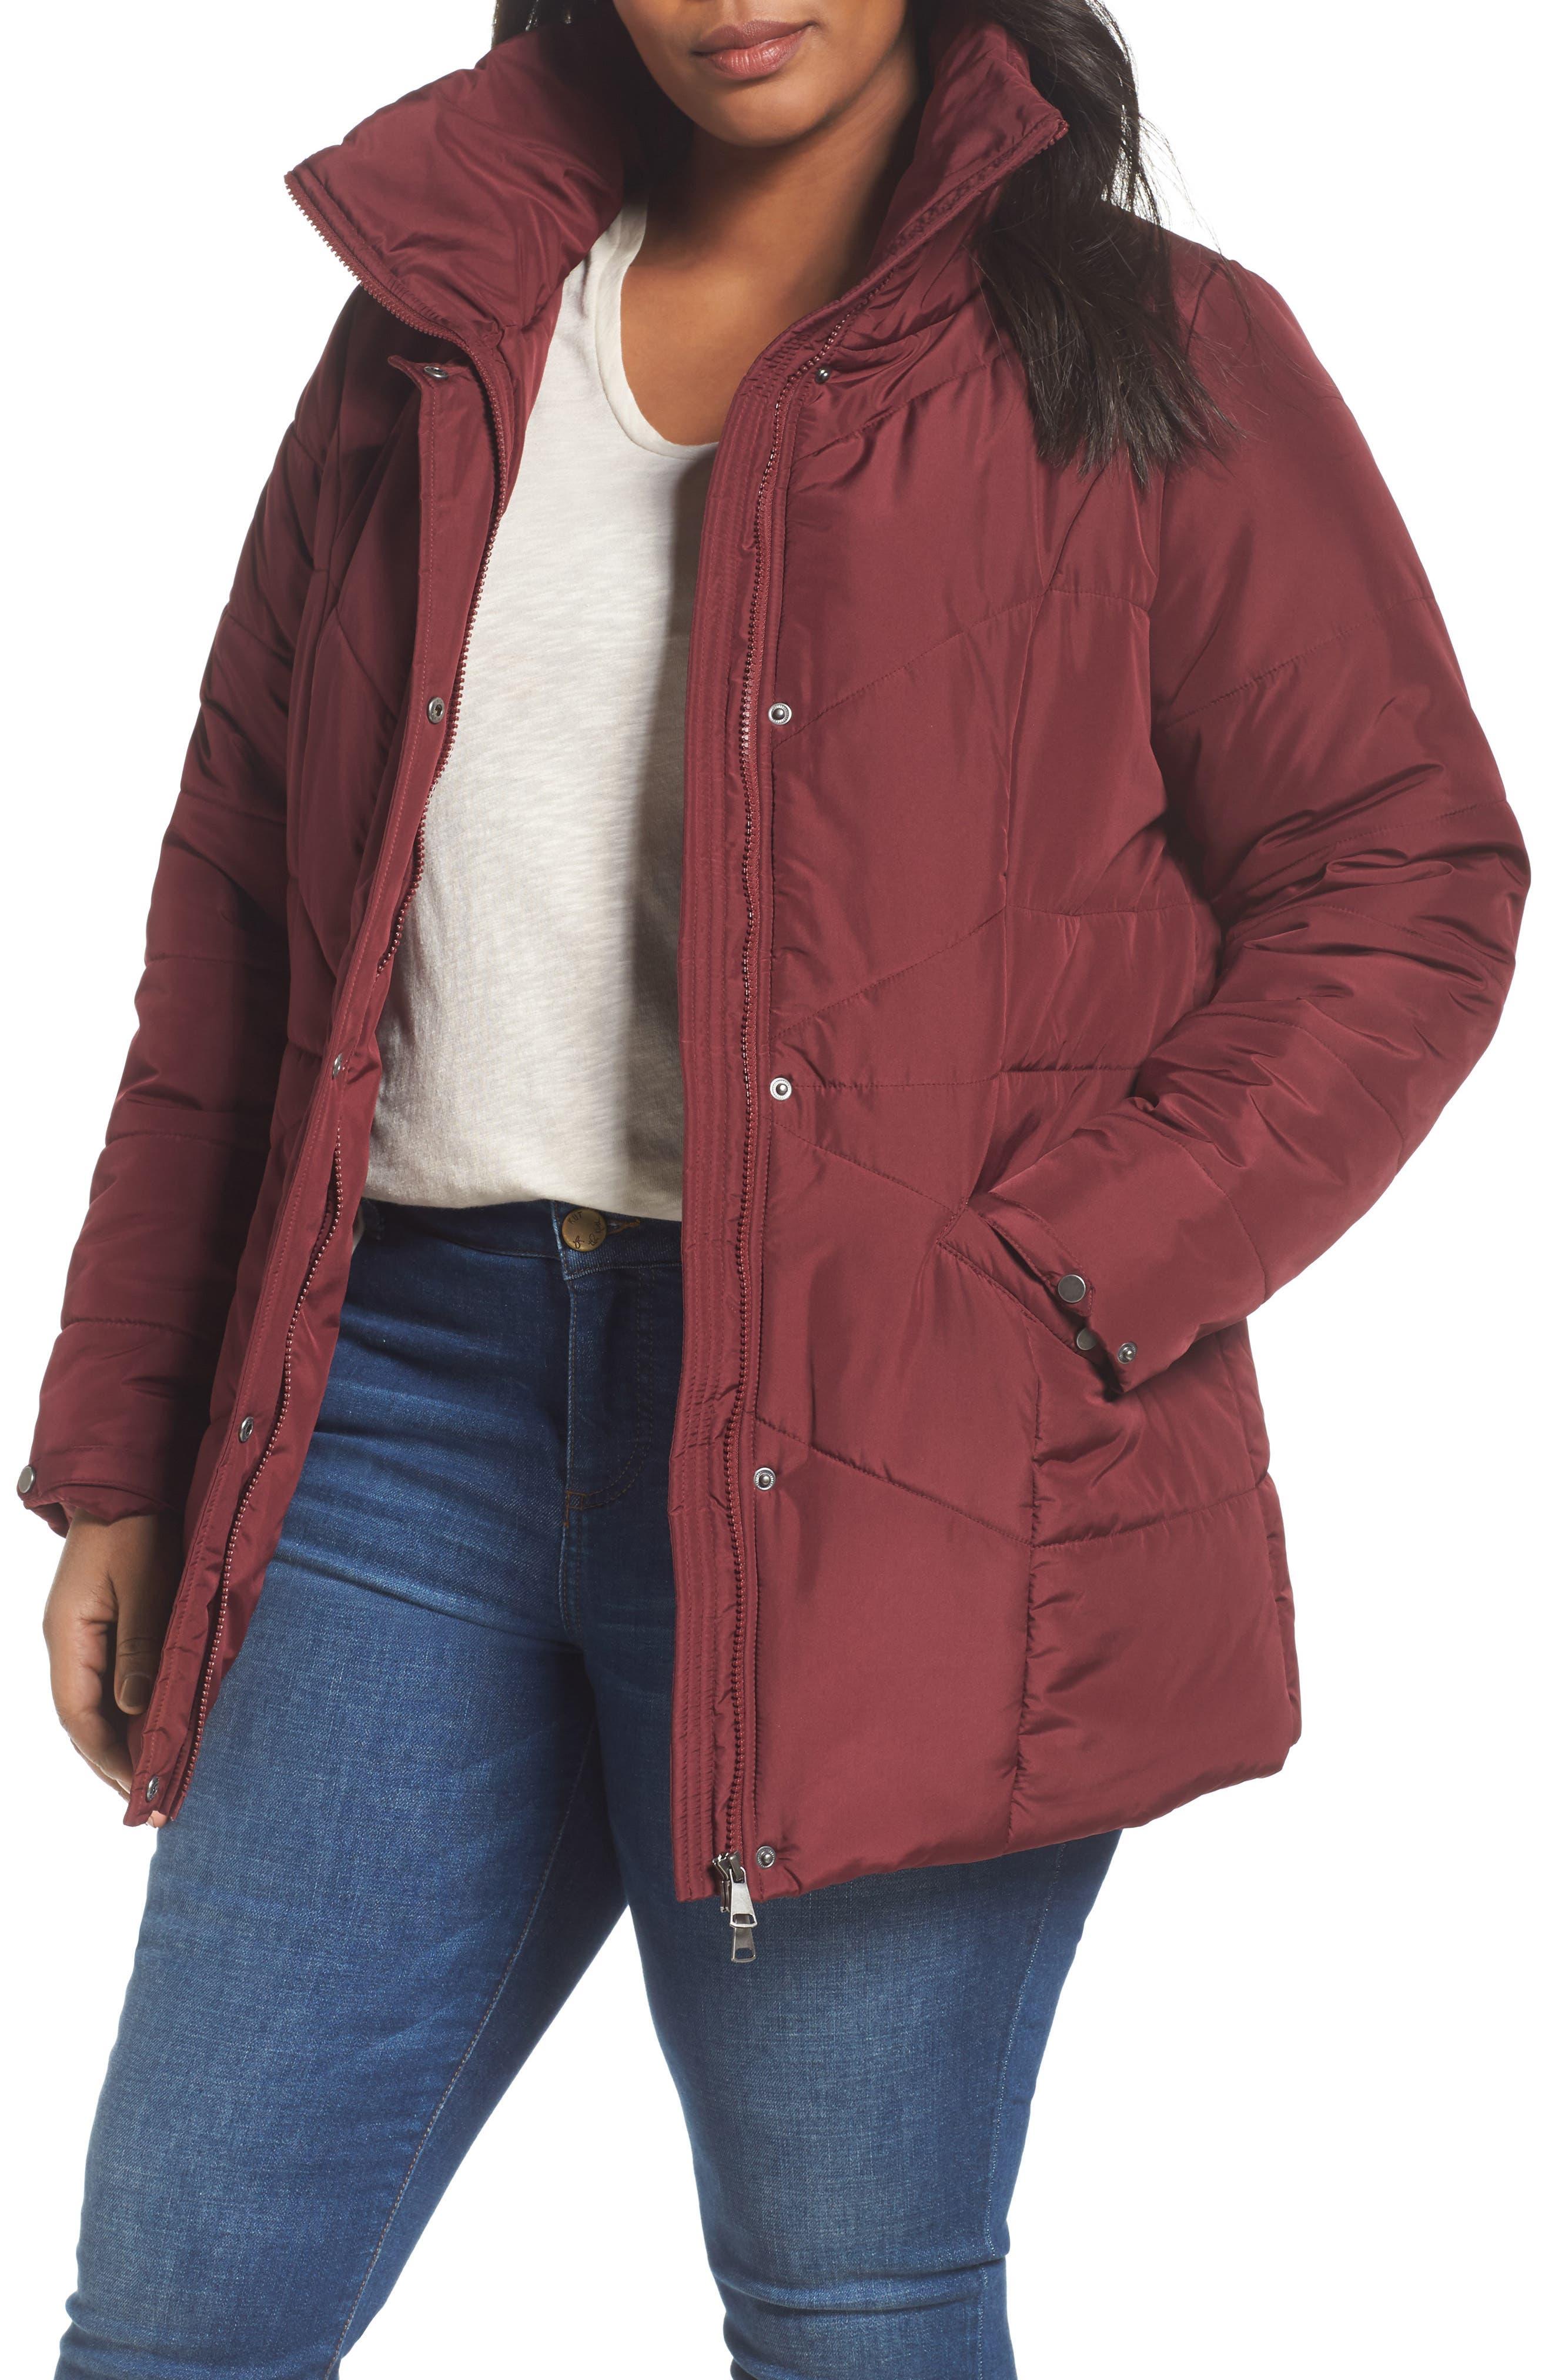 Valsi Puffer Jacket,                         Main,                         color, Zinfandel